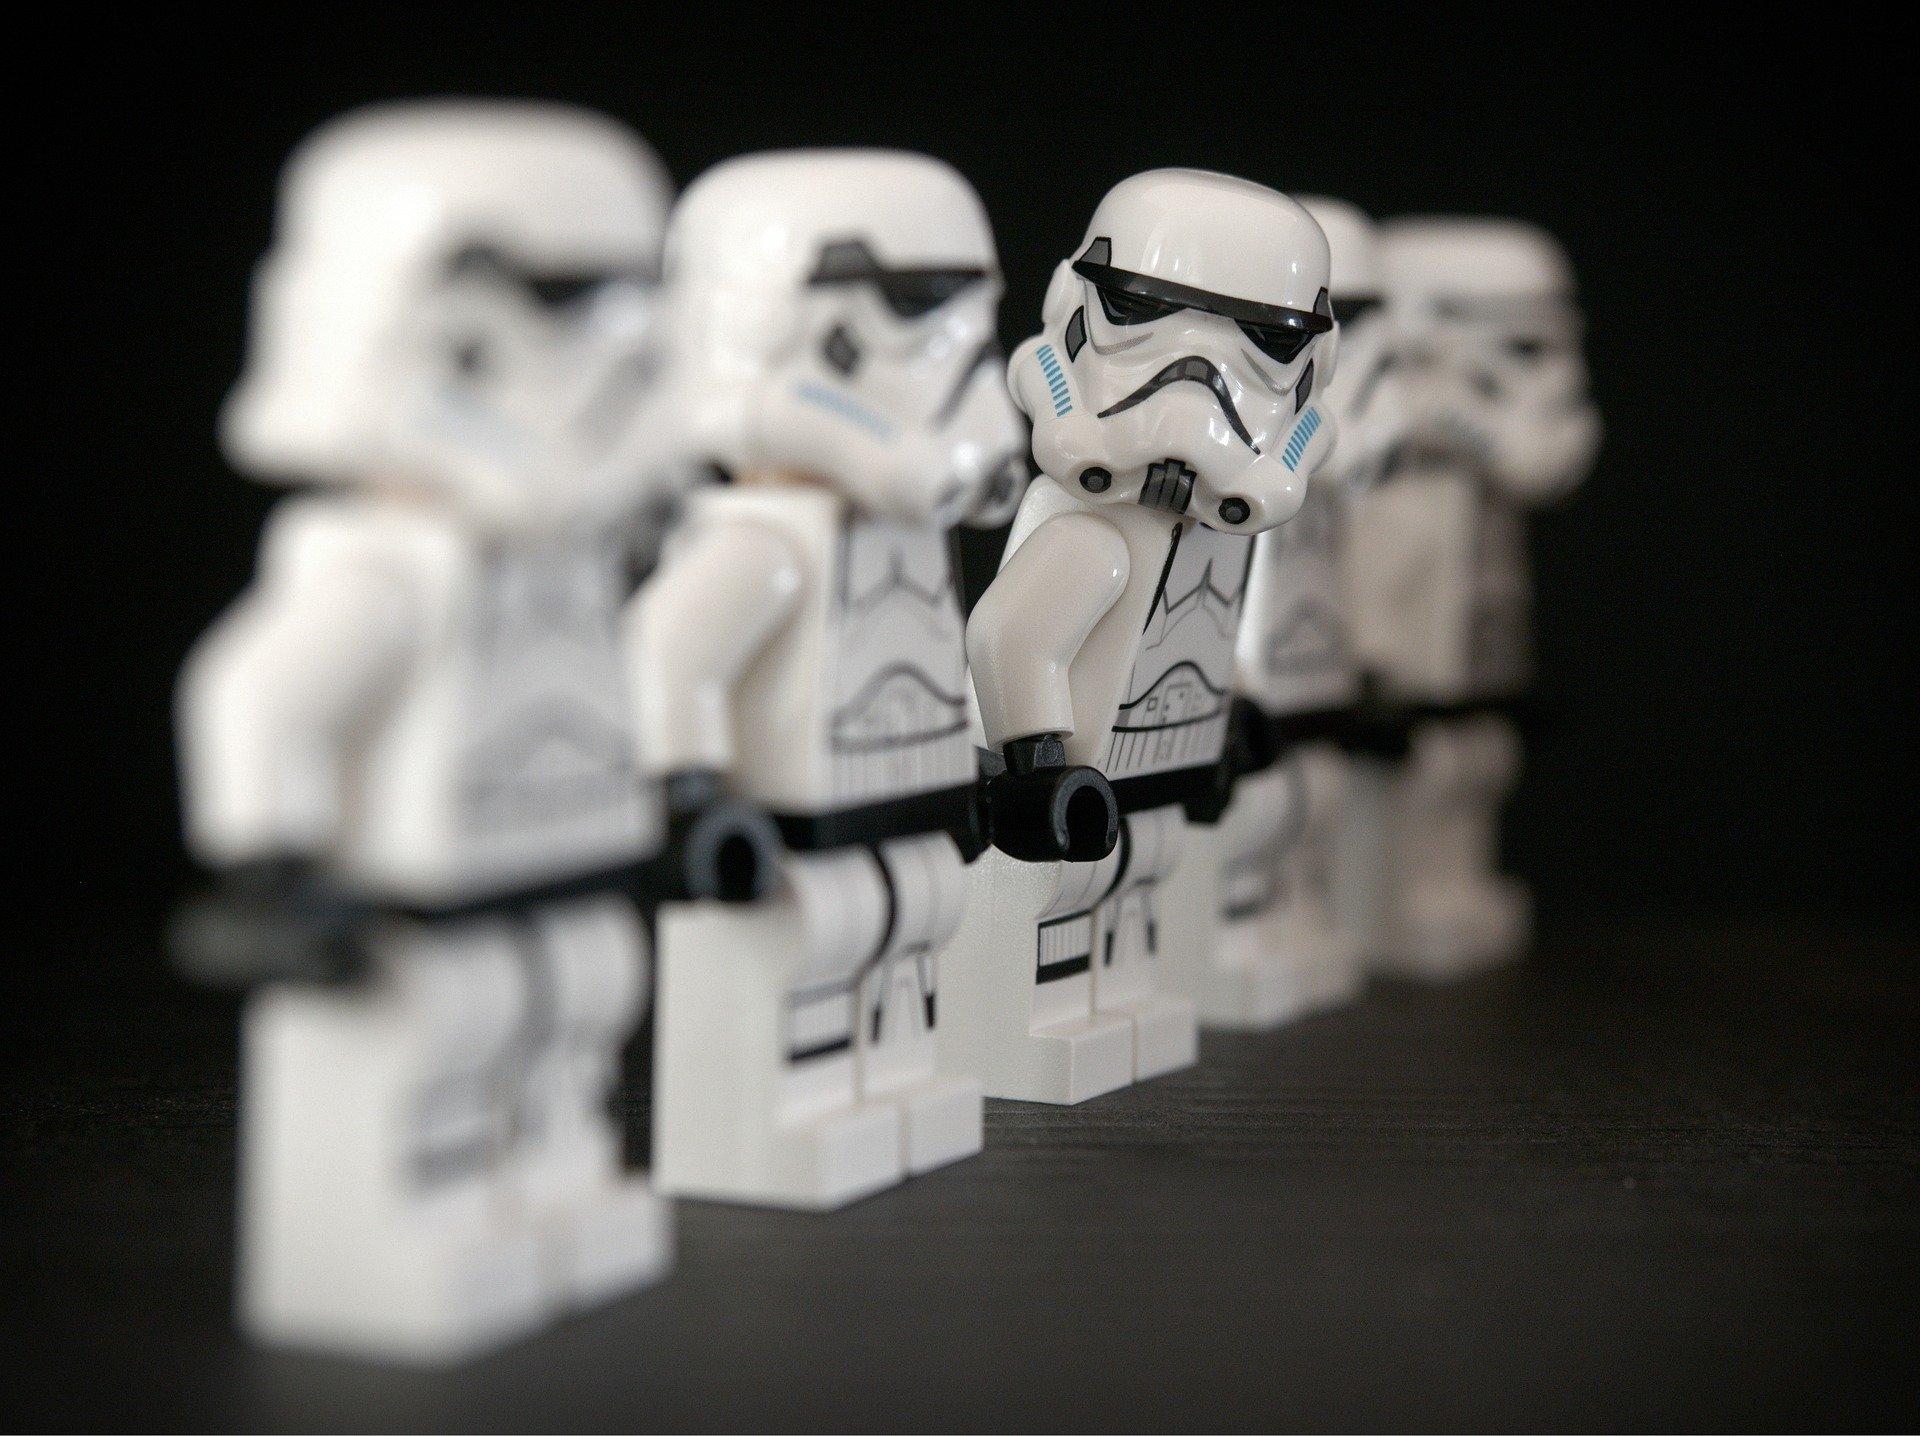 hackers seek to exploit release of new Star Wars film